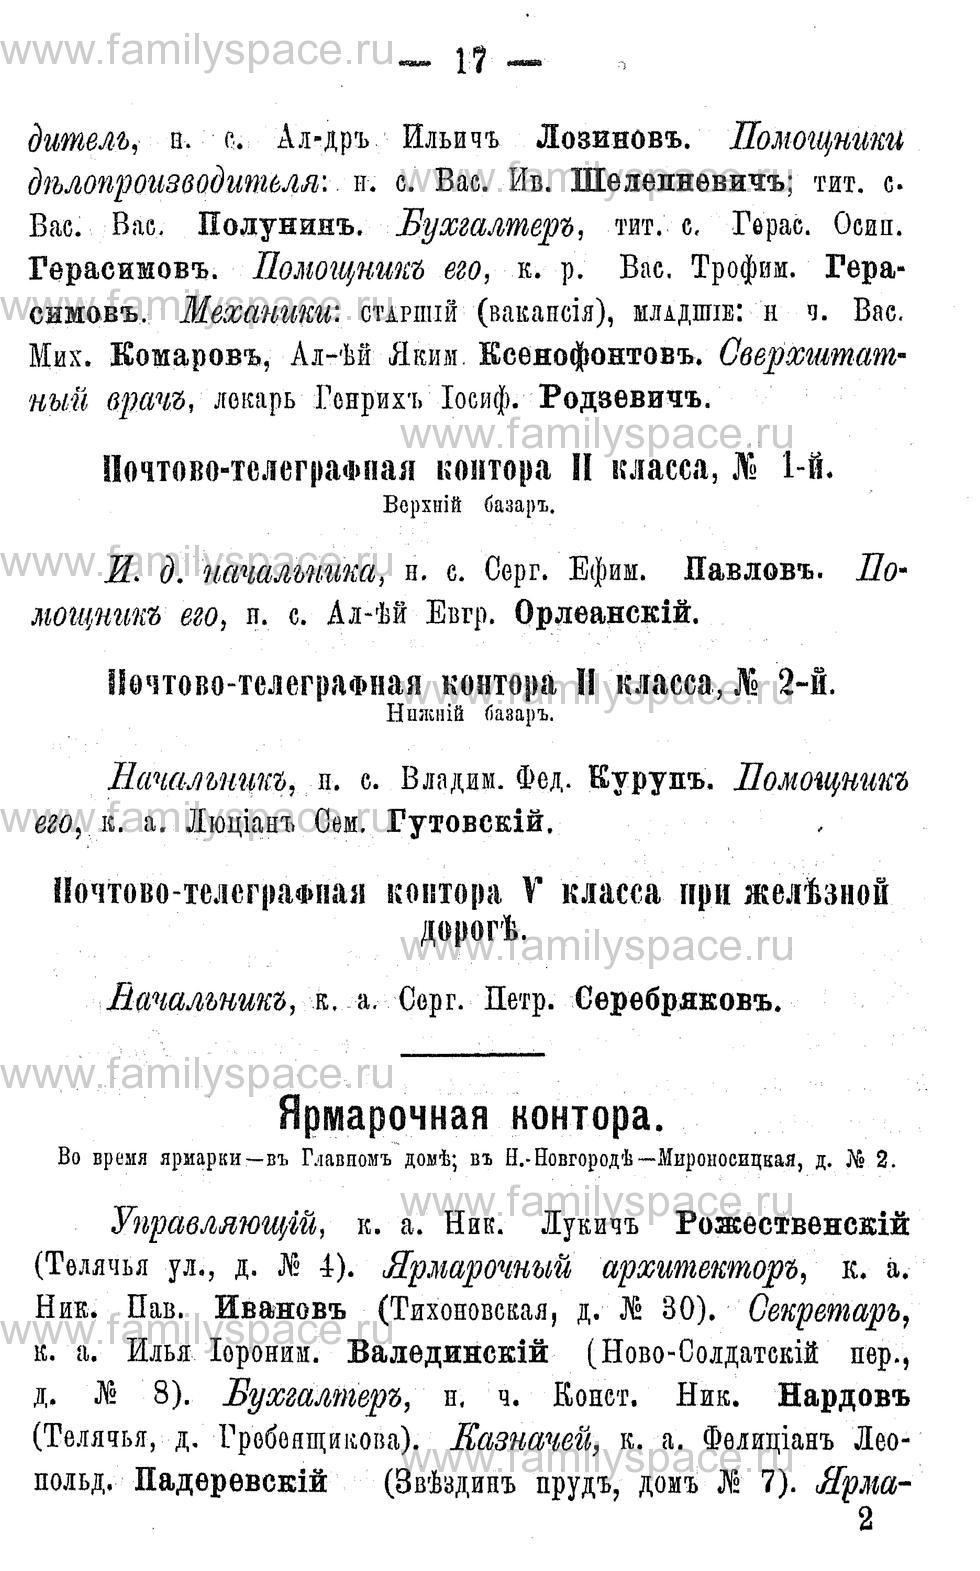 Поиск по фамилии - Адрес-календарь Нижегородской губернии на 1891 год, страница 17